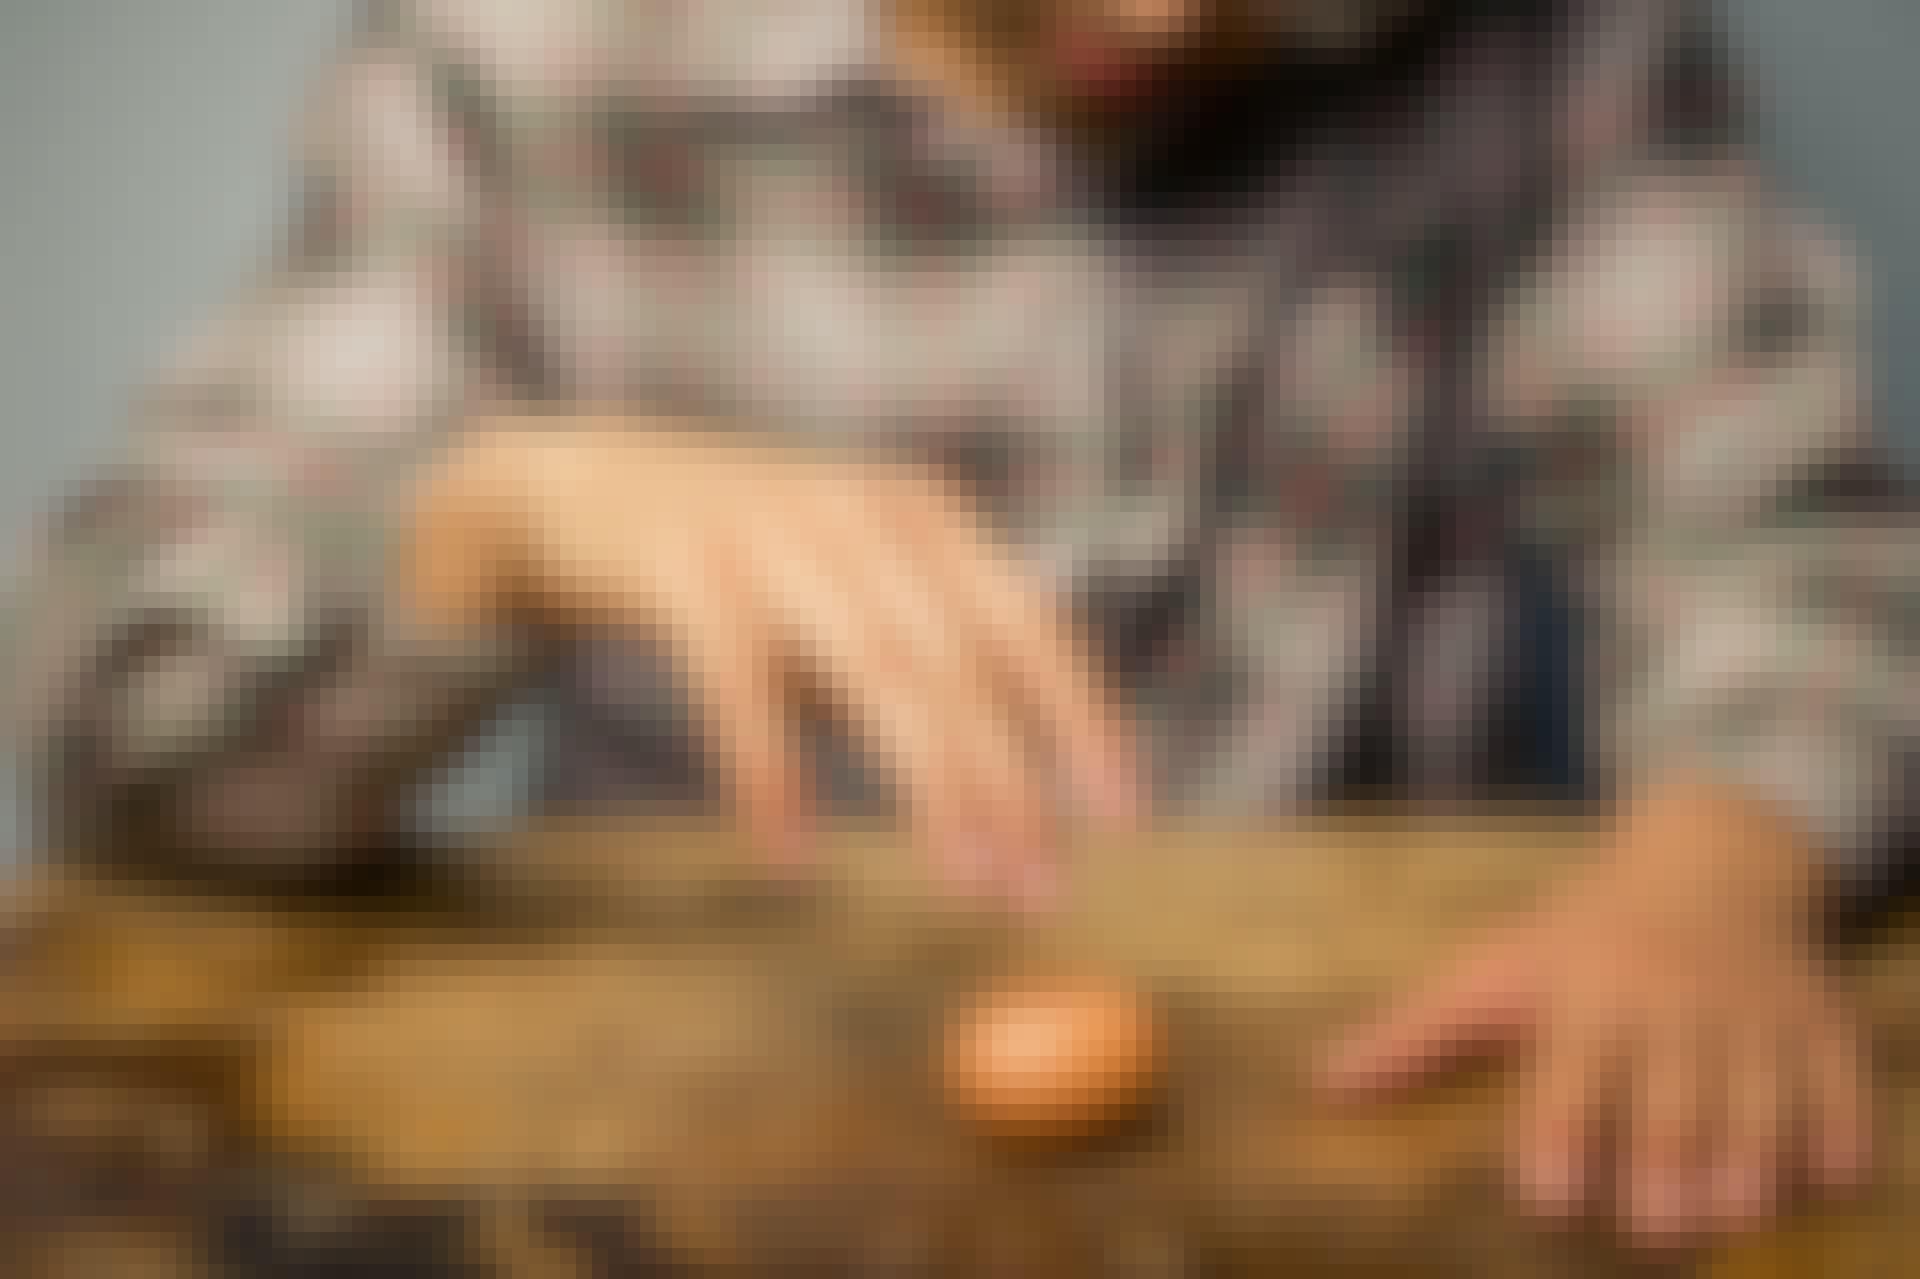 Varför snurrar ett kokt ägg fortare än ett rått?